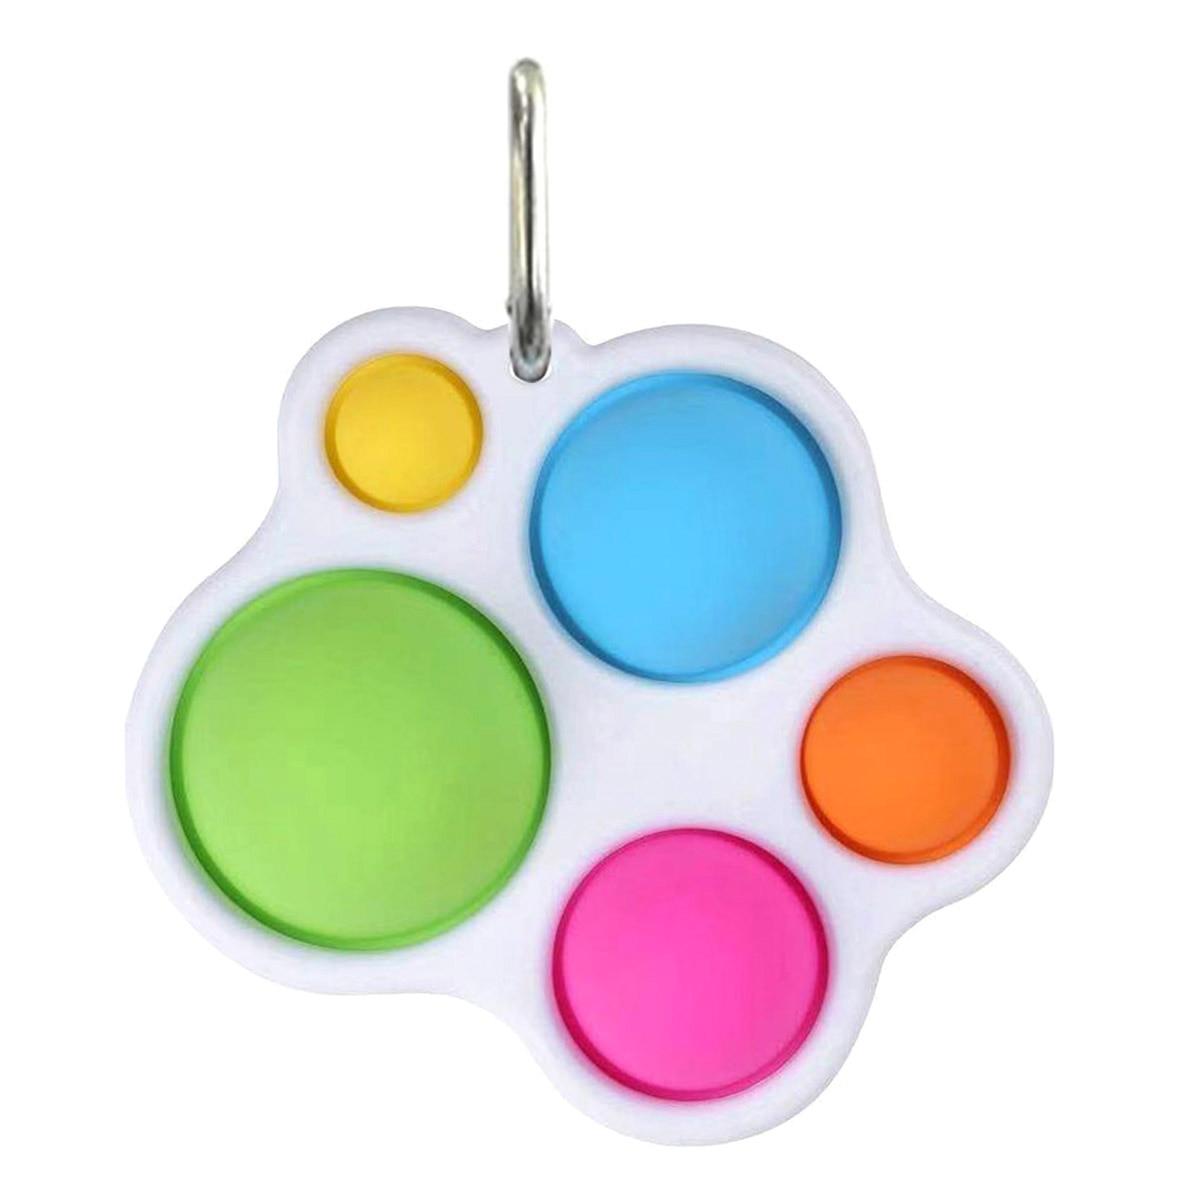 Einfache Dimple Zappeln Sensorischen Spielzeug Set Stress Relief Spielzeug Autismus Angst Relief Stress Pop Blase Zappeln Sensorischen Spielzeug Für Kinder erwachsene